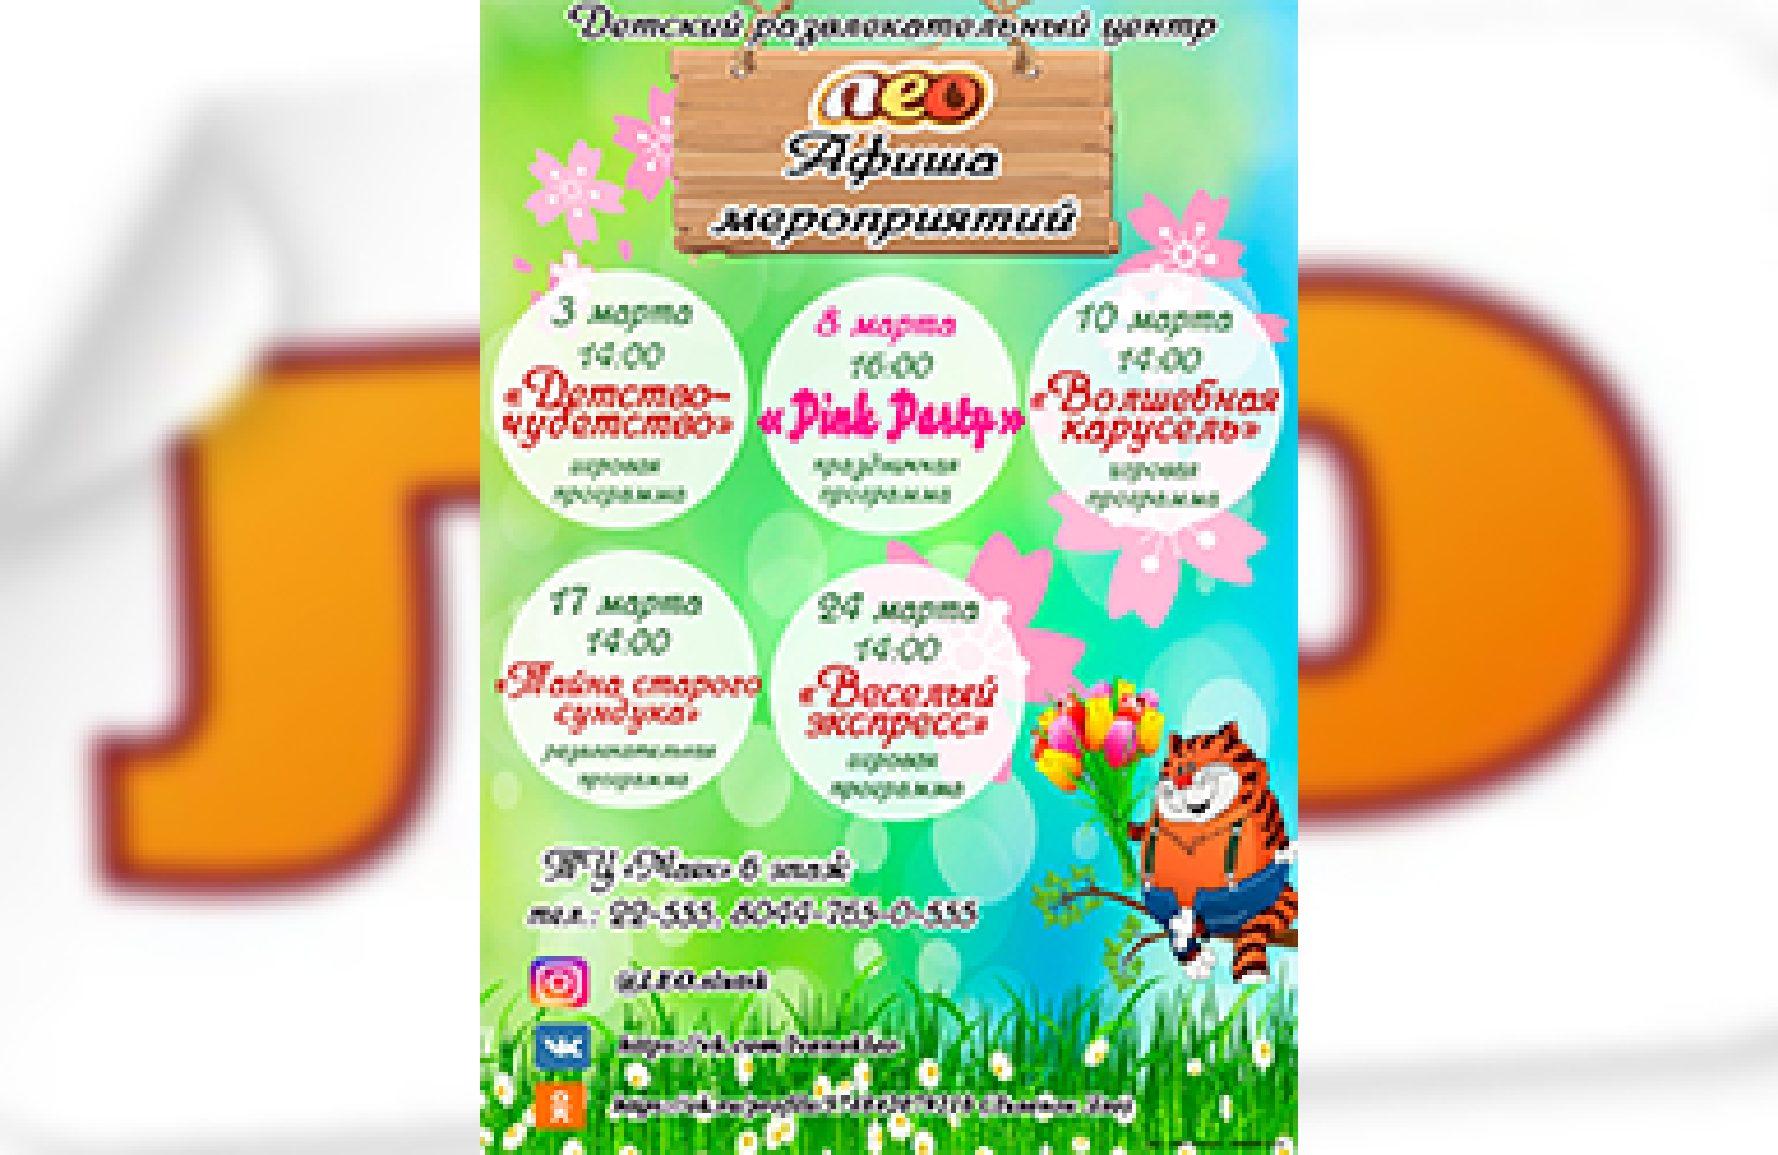 Афиша мероприятий Детского развлекательного центра  ЛЕО!